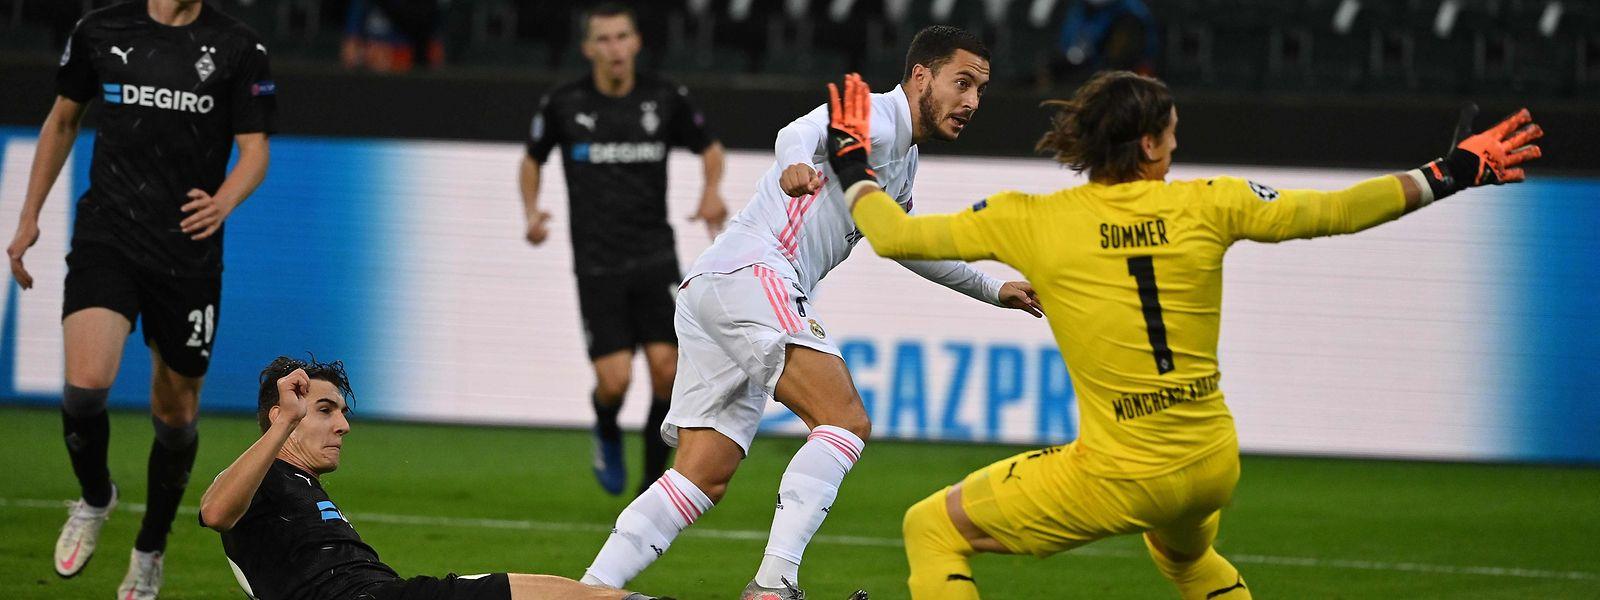 Le duel entre Mönchengladbach et le Real Madrid a été marqué par le retour sur les terrains d'Eden Hazard.